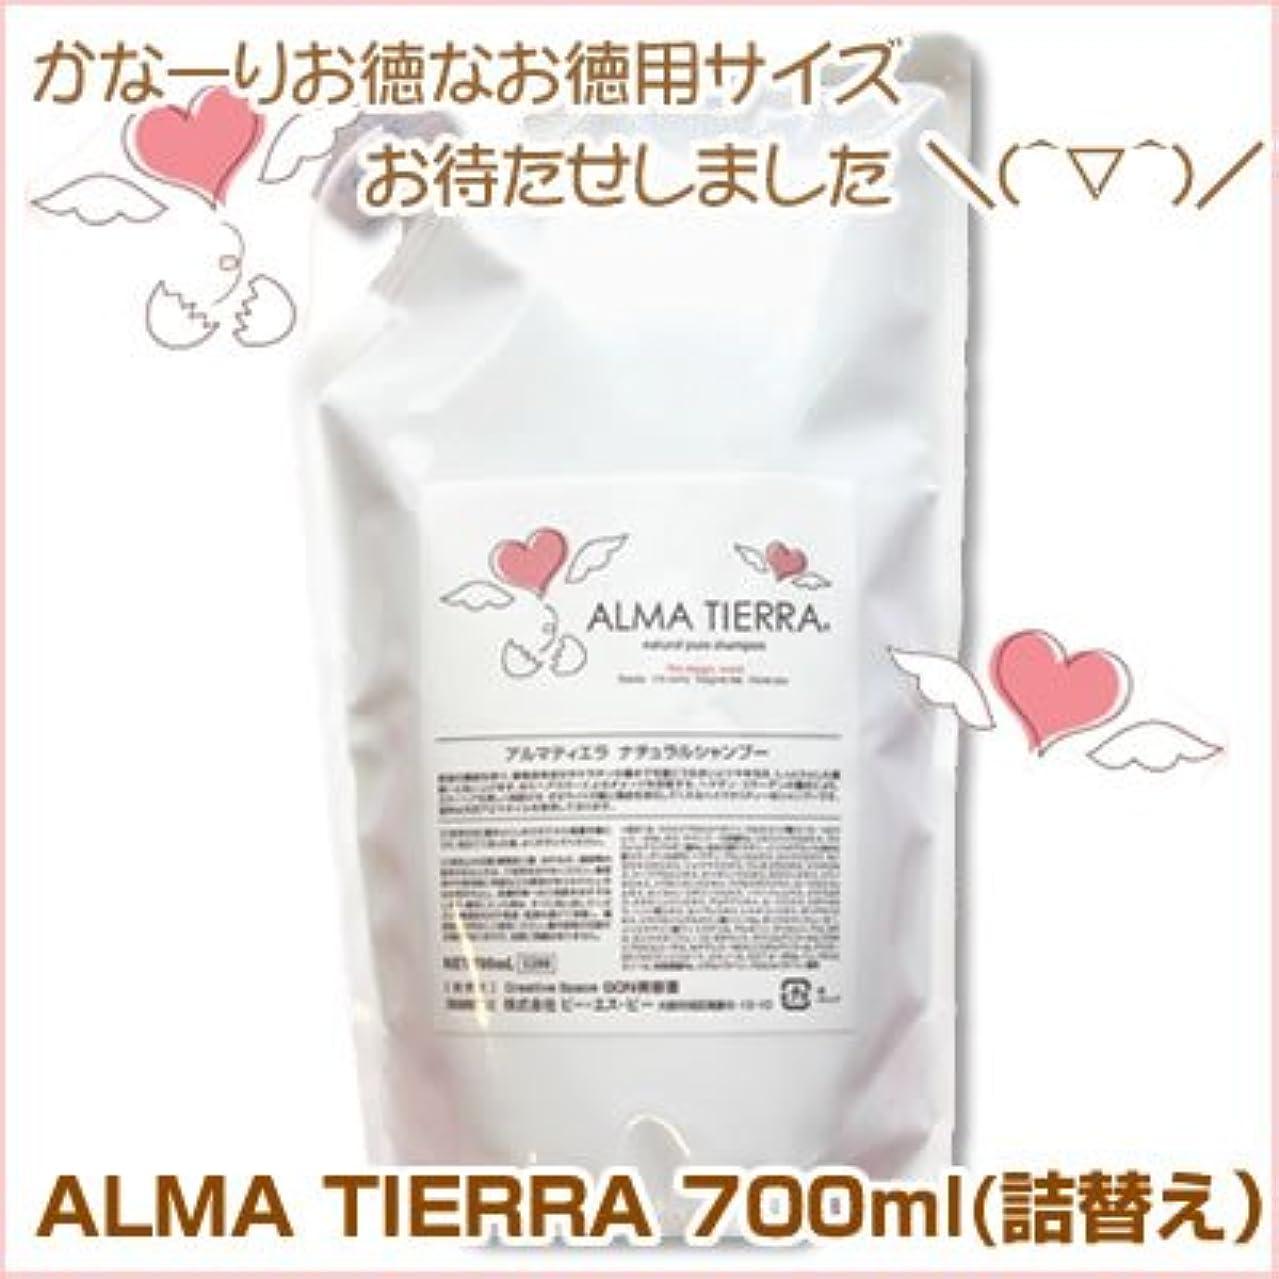 間順応性のある爆発アルマティエラ ナチュラルピュアシャンプー 700ml(詰替え) サロン専売品